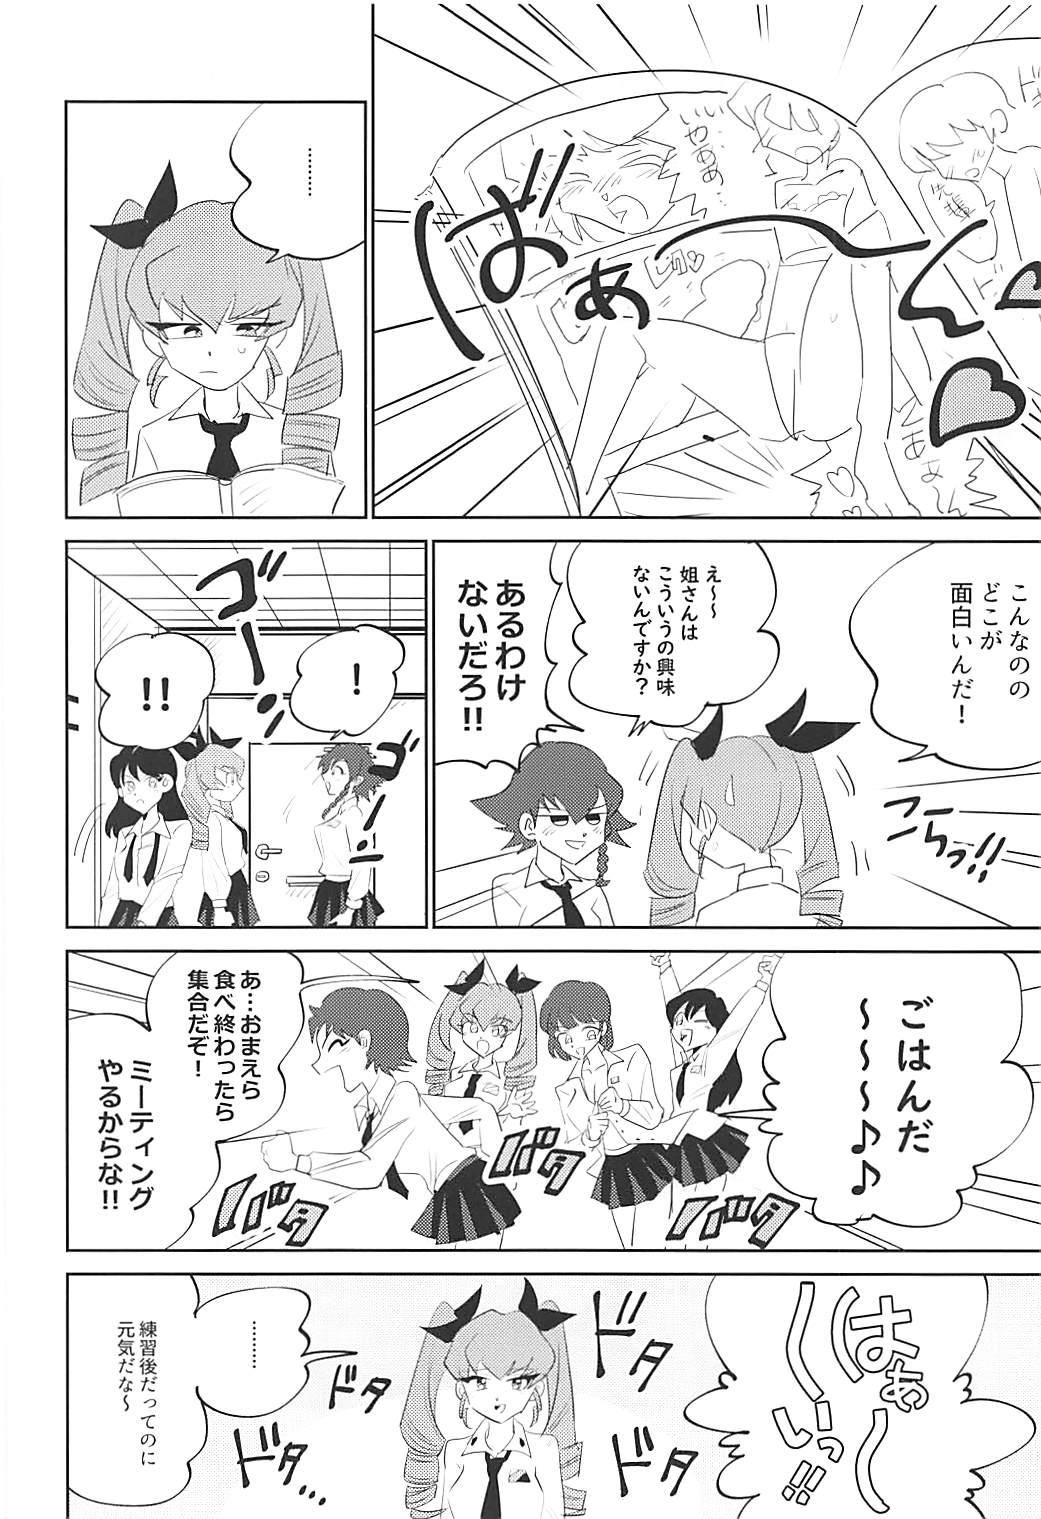 Koko ga Anzio no Kouishitsu desu 6